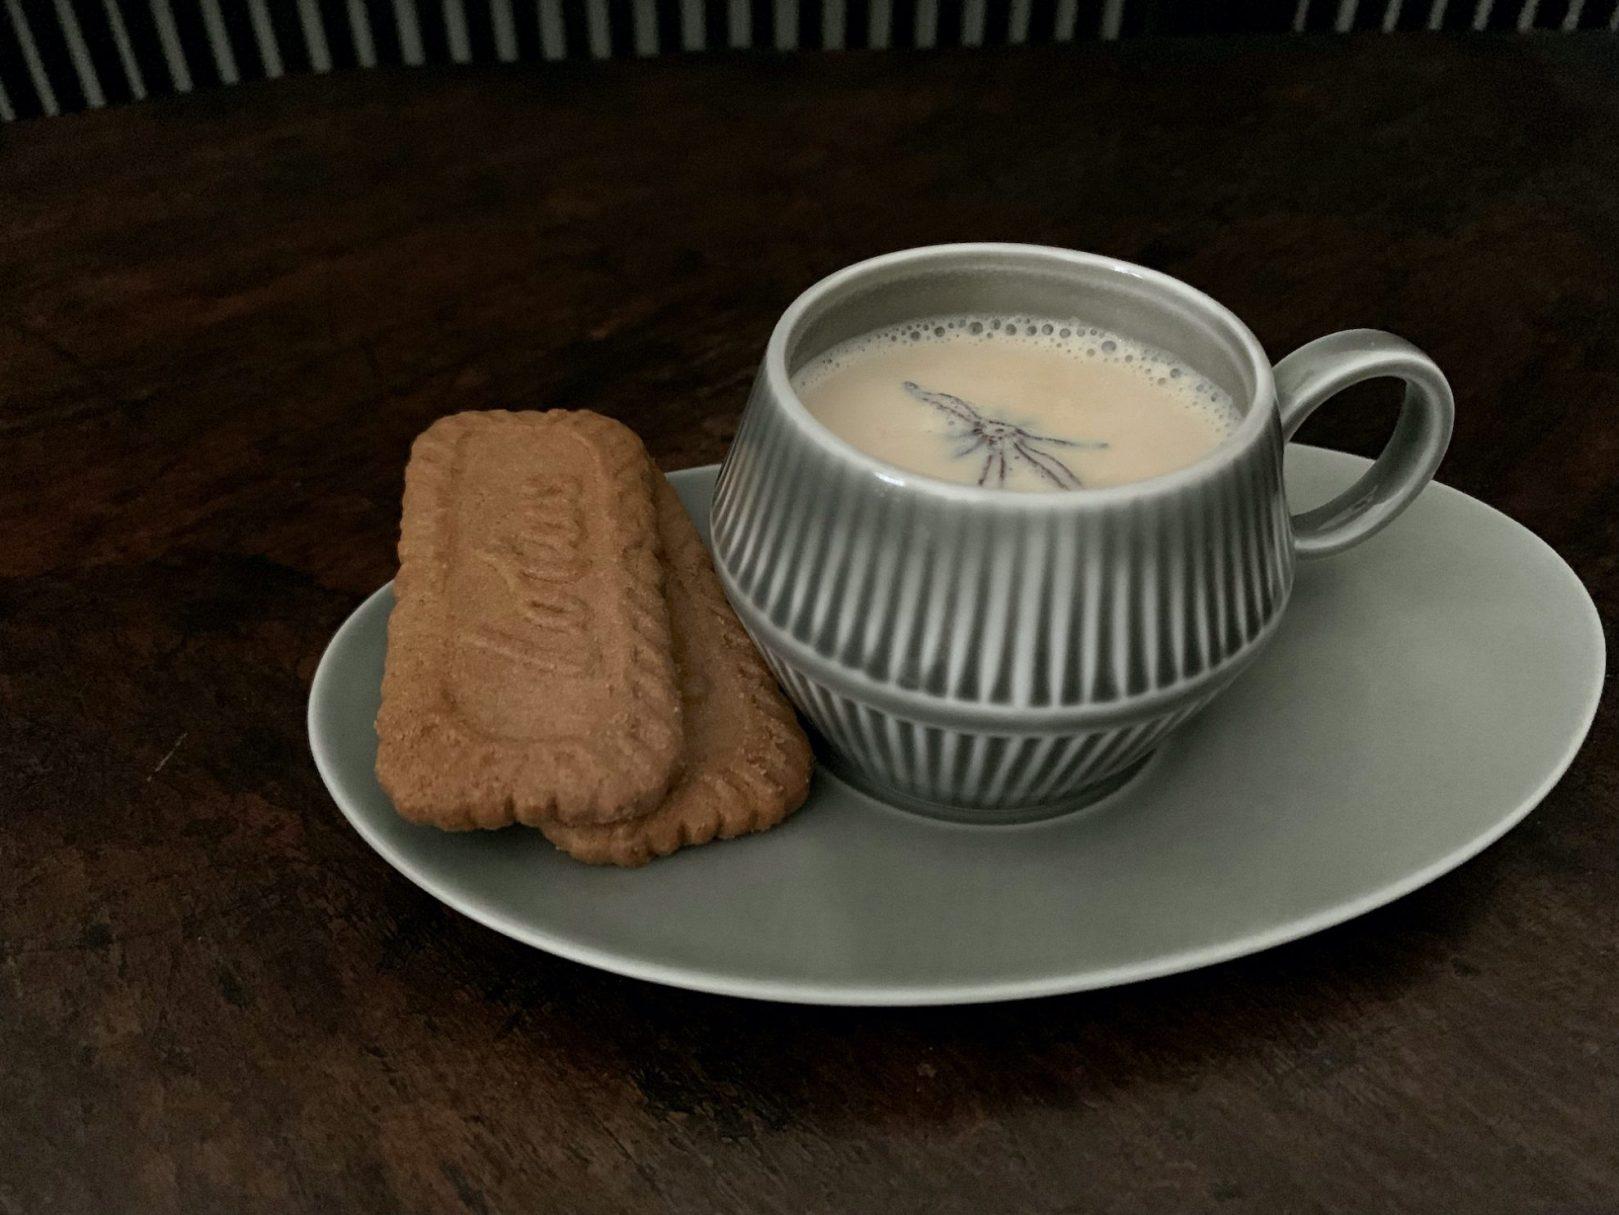 アニス風味のホットミルクでクッキータイム ©︎ Yoko Kadokawa